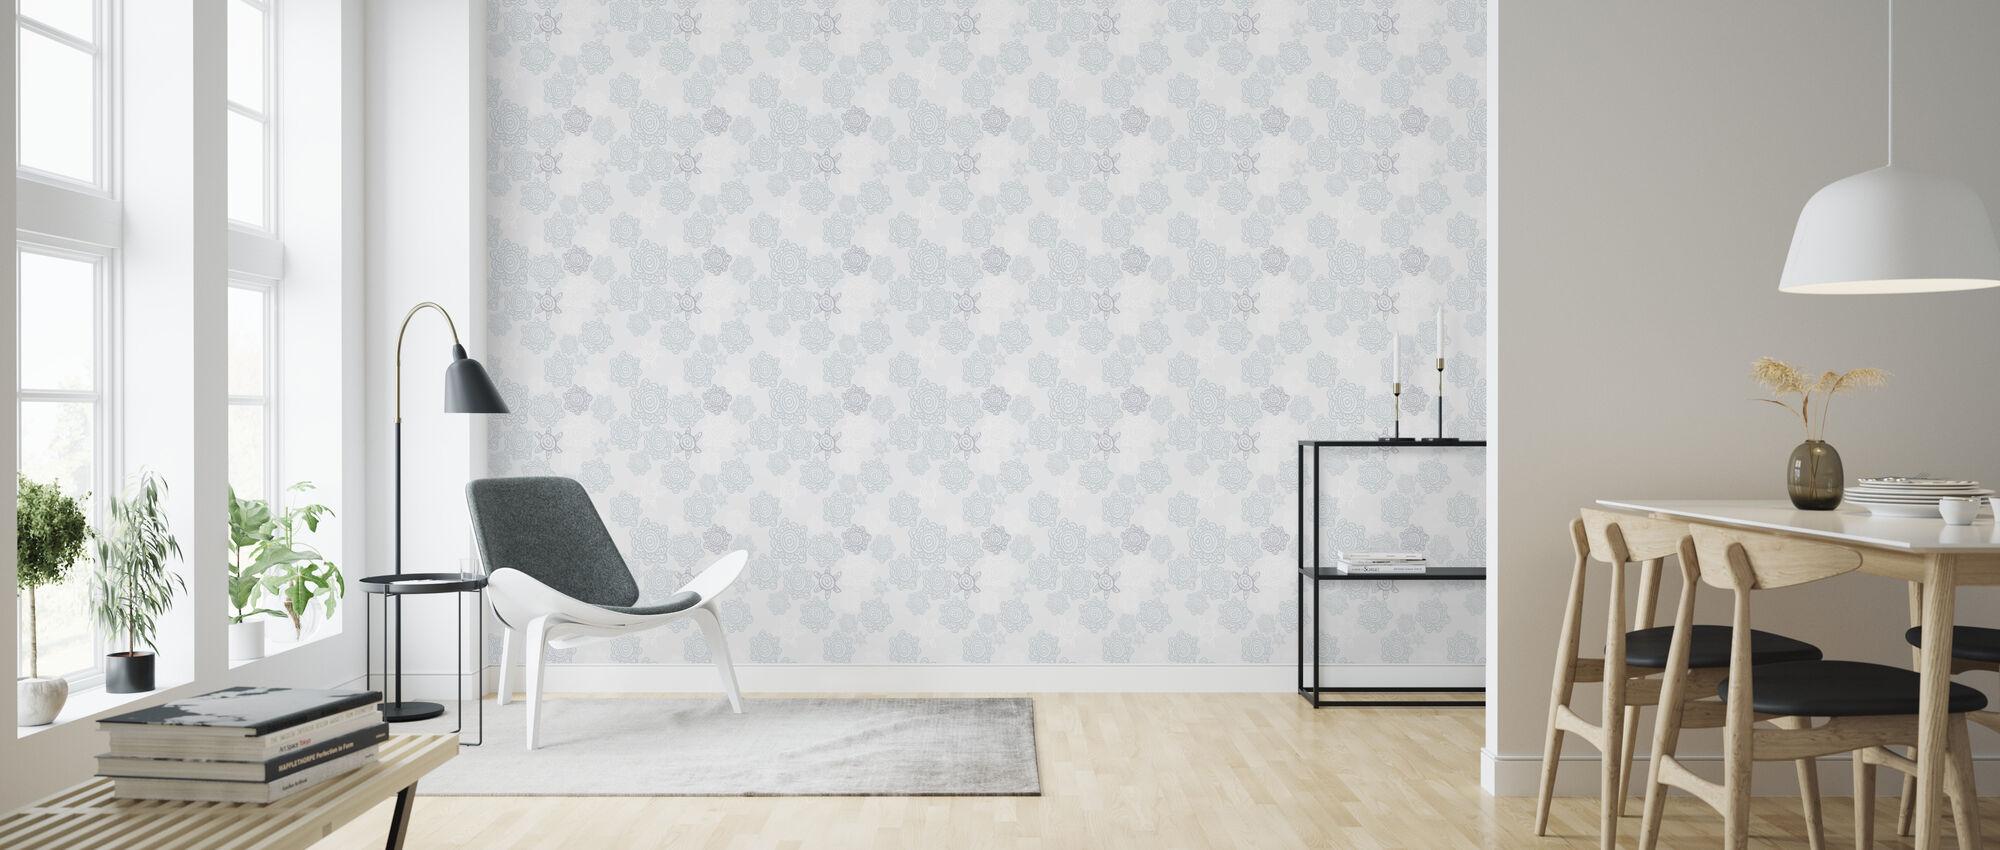 Swirlygirly - Relaxed - Wallpaper - Living Room